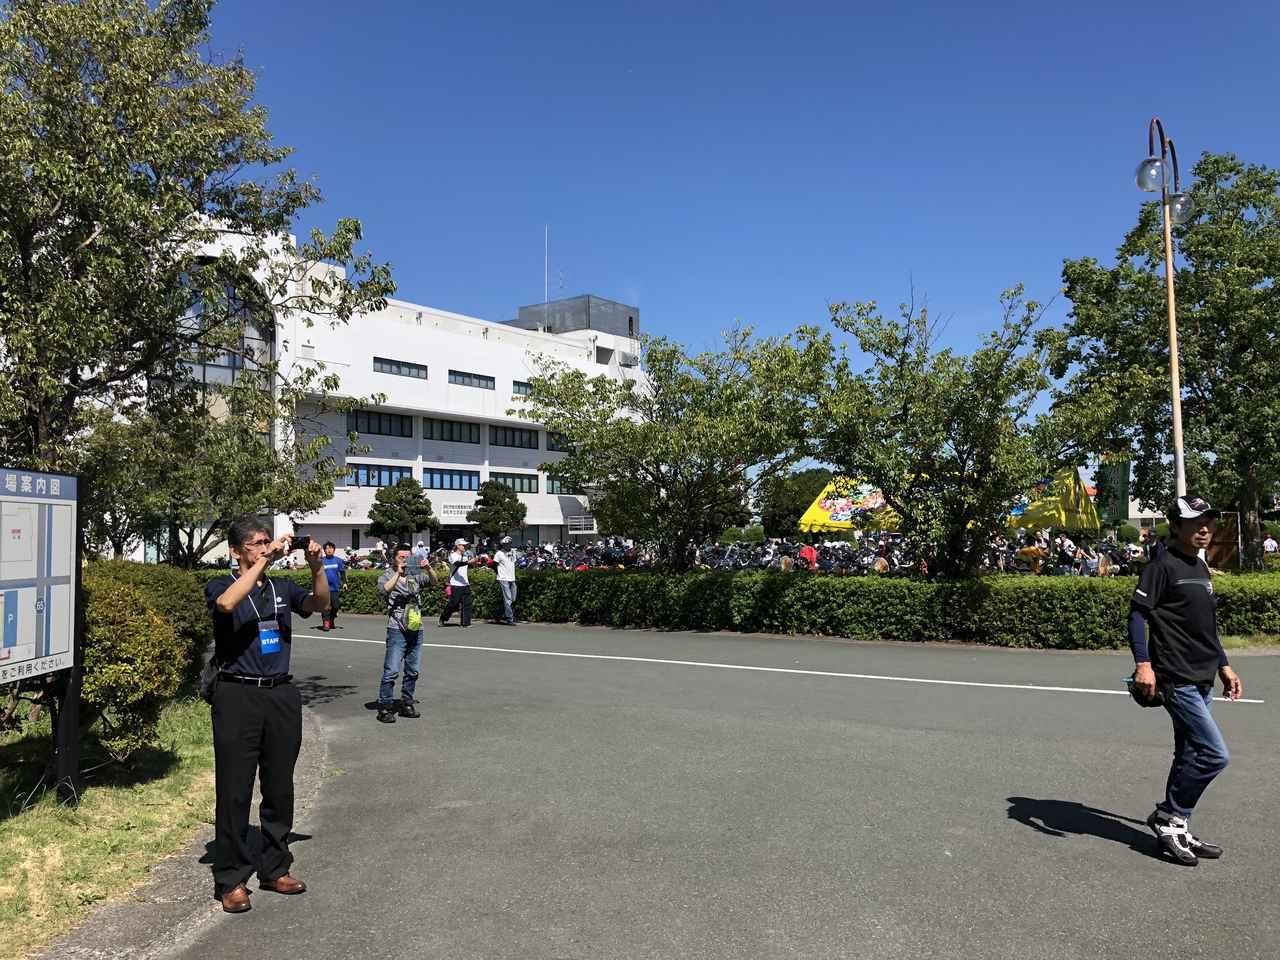 画像3: 「バイクのふるさと浜松」に行ってきました!(モリメグ)